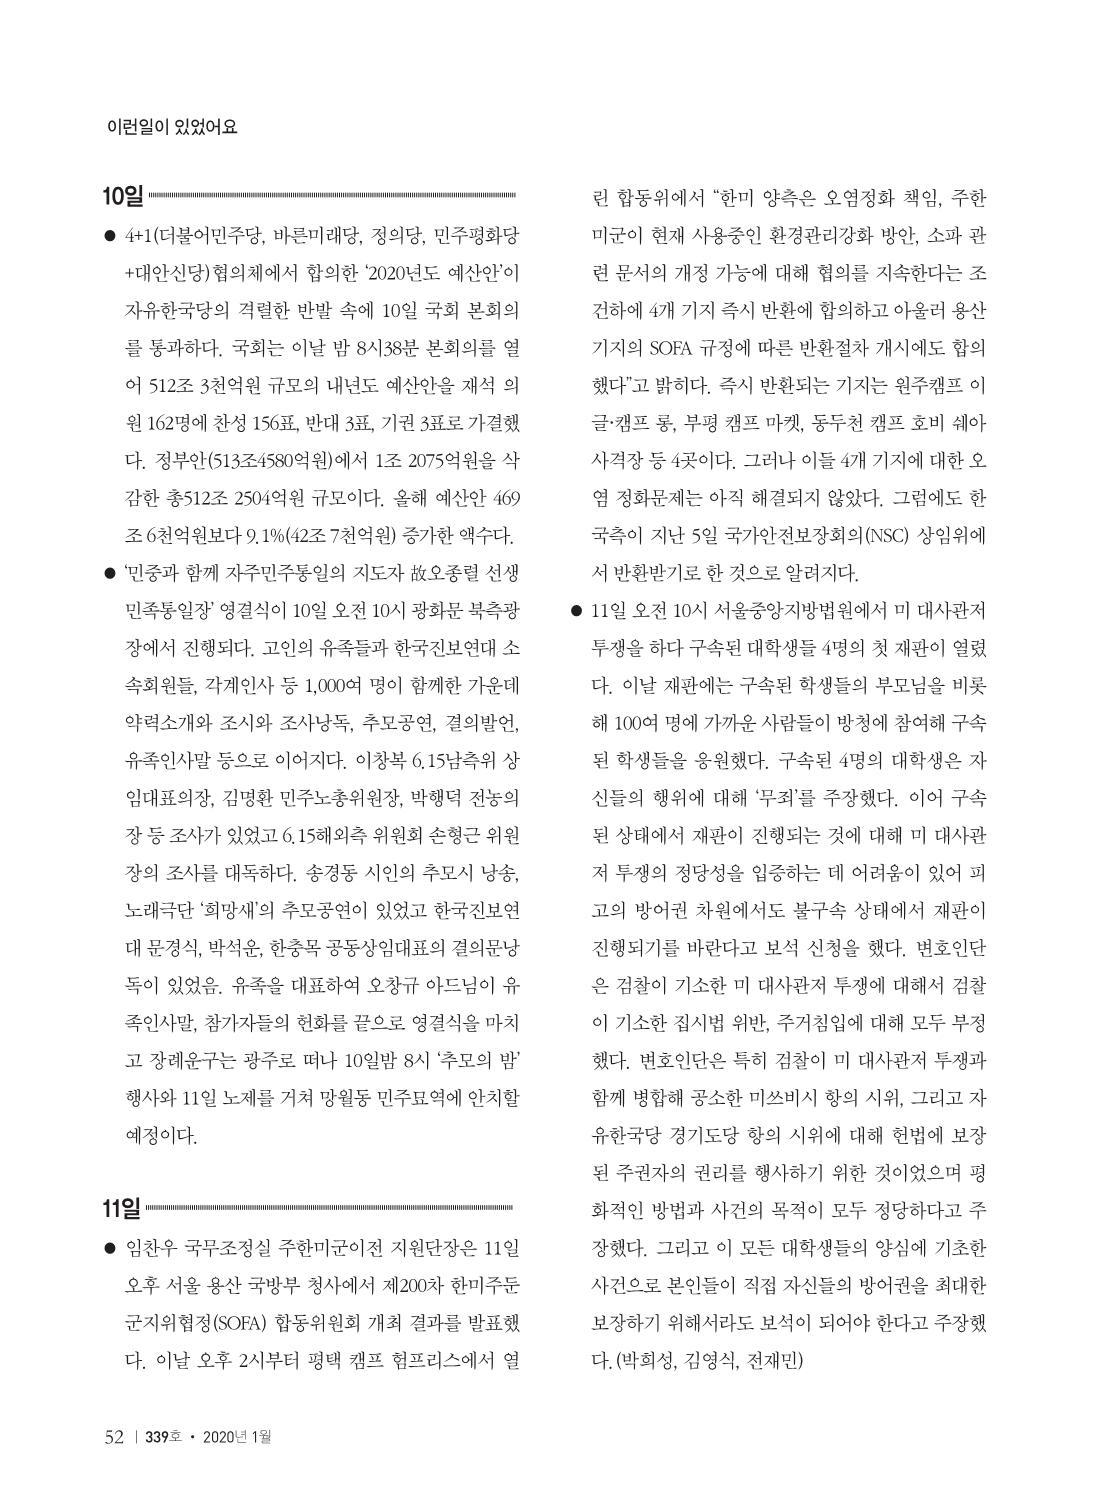 a864bddb-4dd3-476a-b443-283540dfe024.pdf-0054.jpg